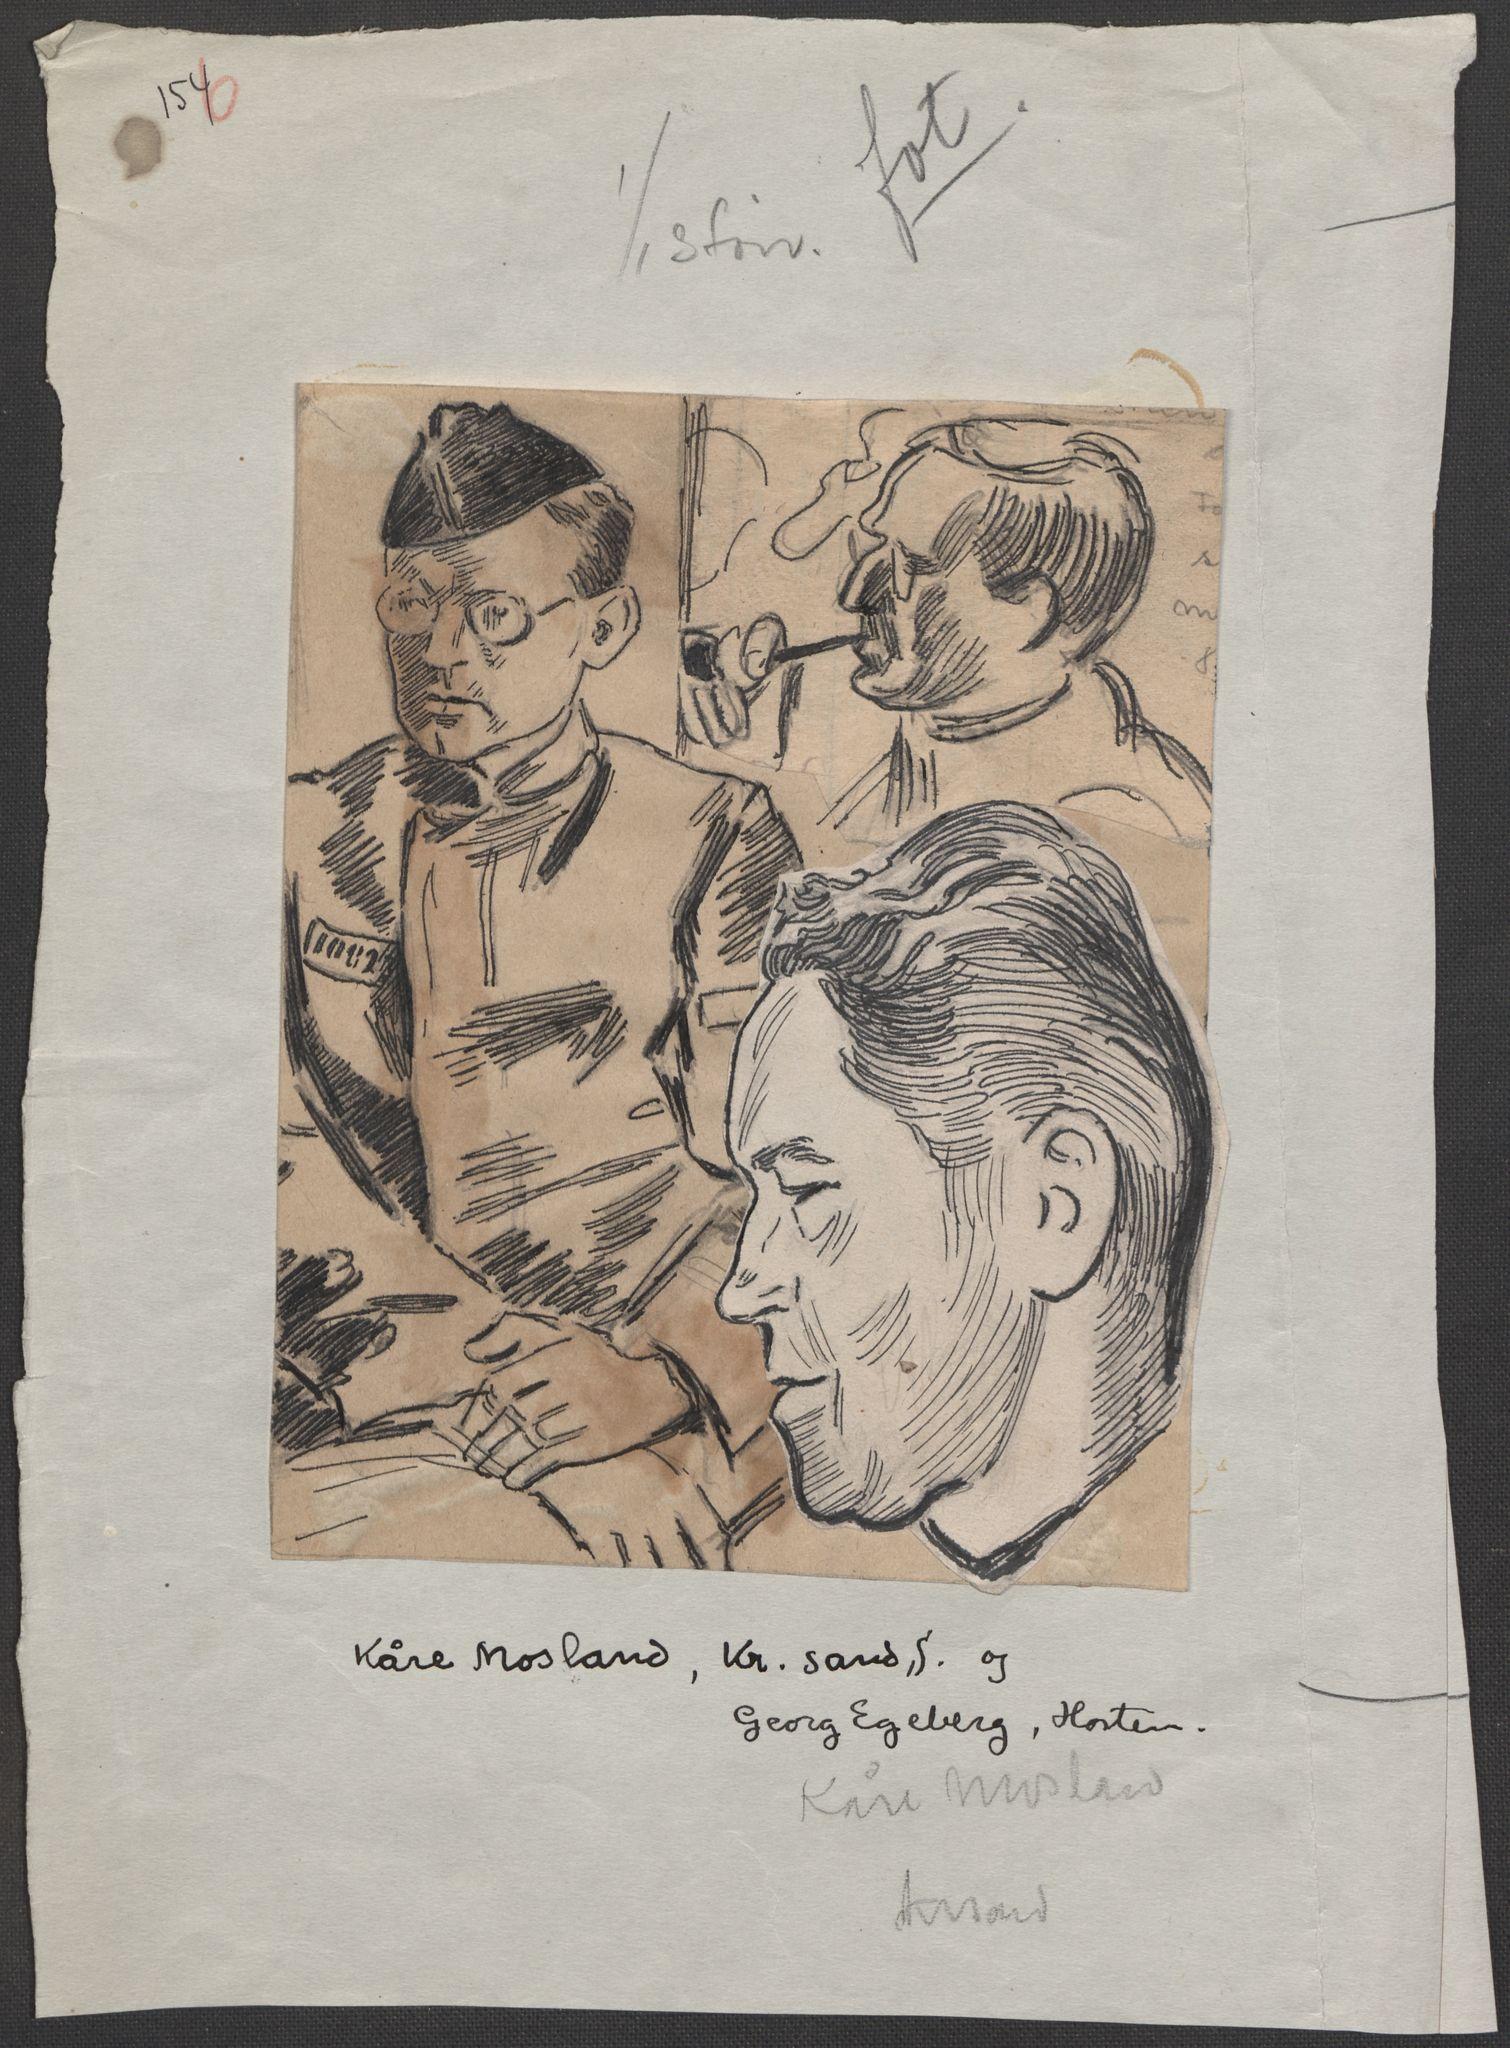 RA, Grøgaard, Joachim, F/L0002: Tegninger og tekster, 1942-1945, s. 78